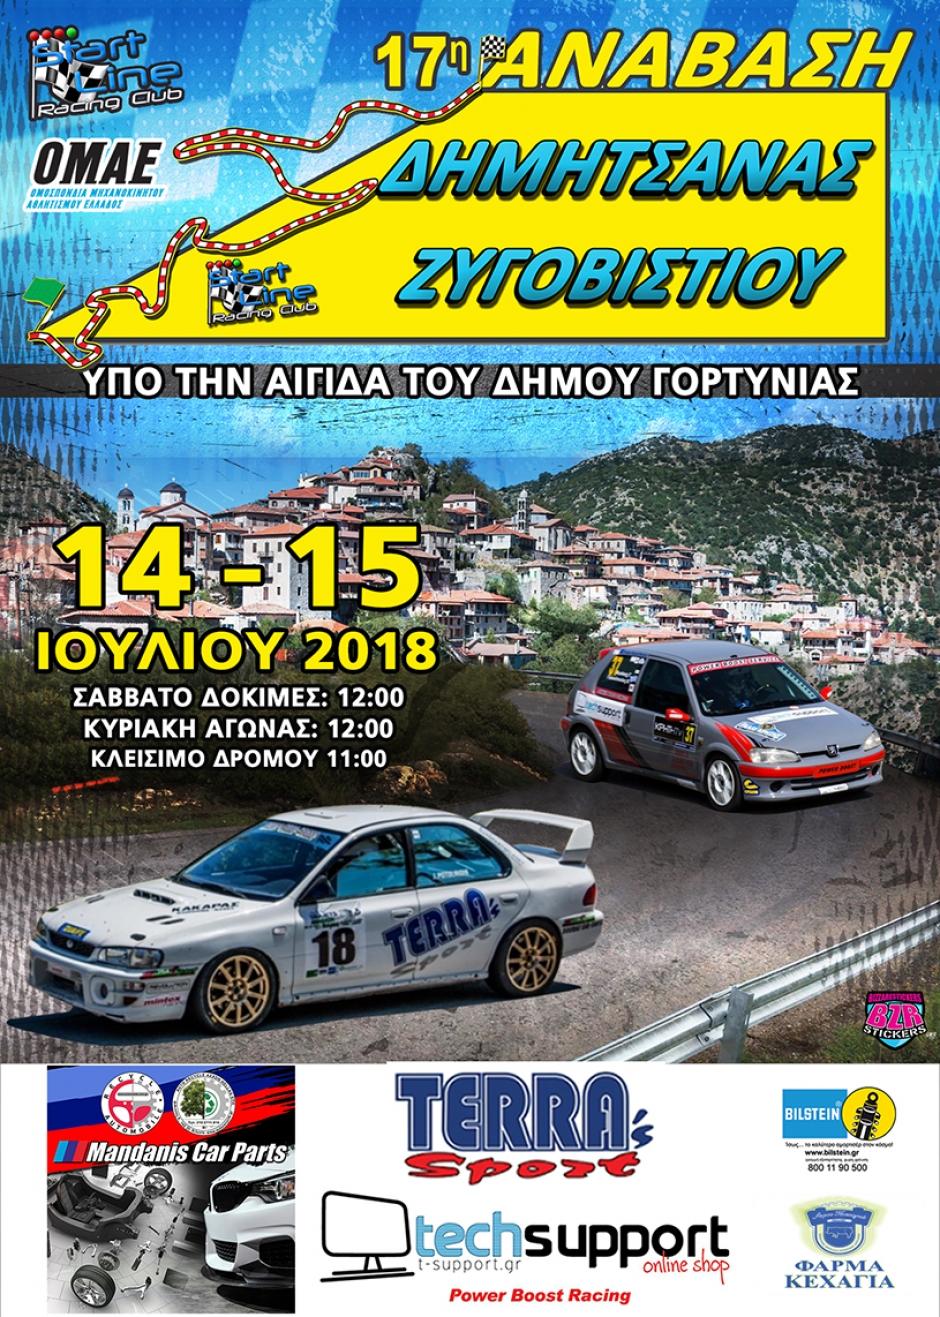 17η Ανάβαση Δημητσάνας-Ζυγοβιστίου - 14 και 15 Ιουλίου 2018, η αφίσα